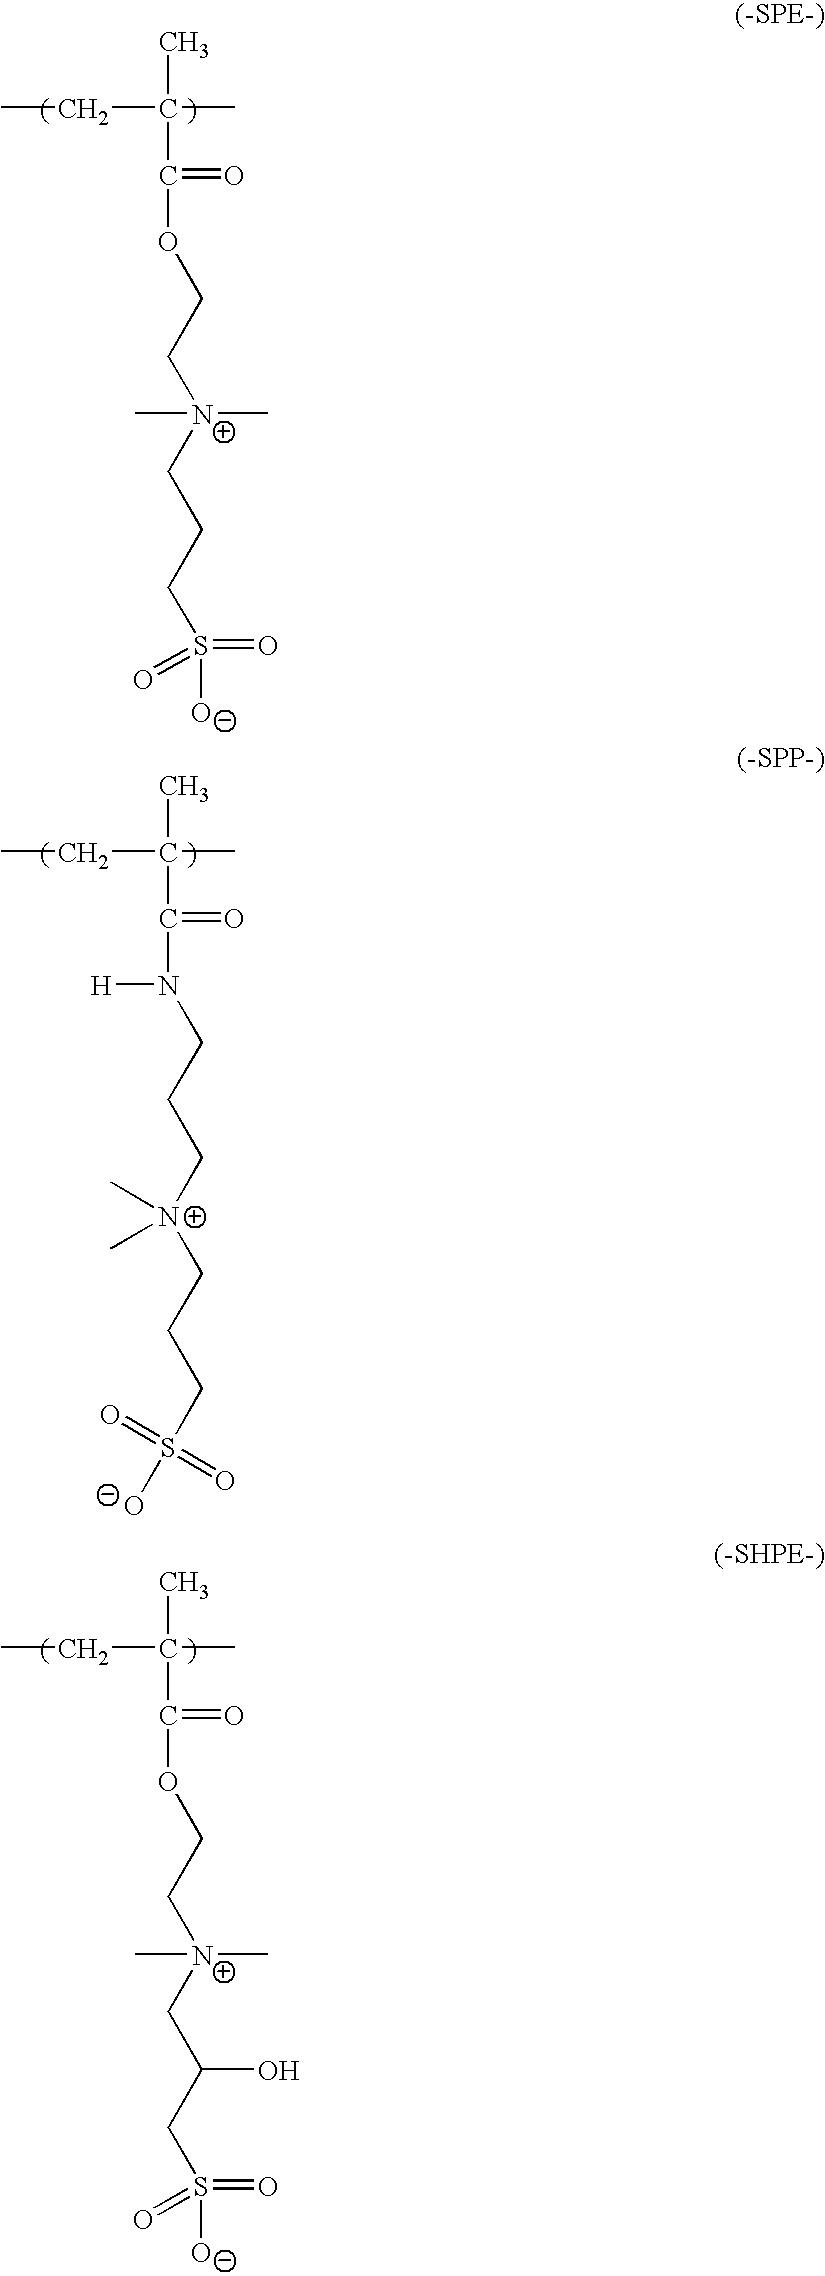 Figure US20060217286A1-20060928-C00018